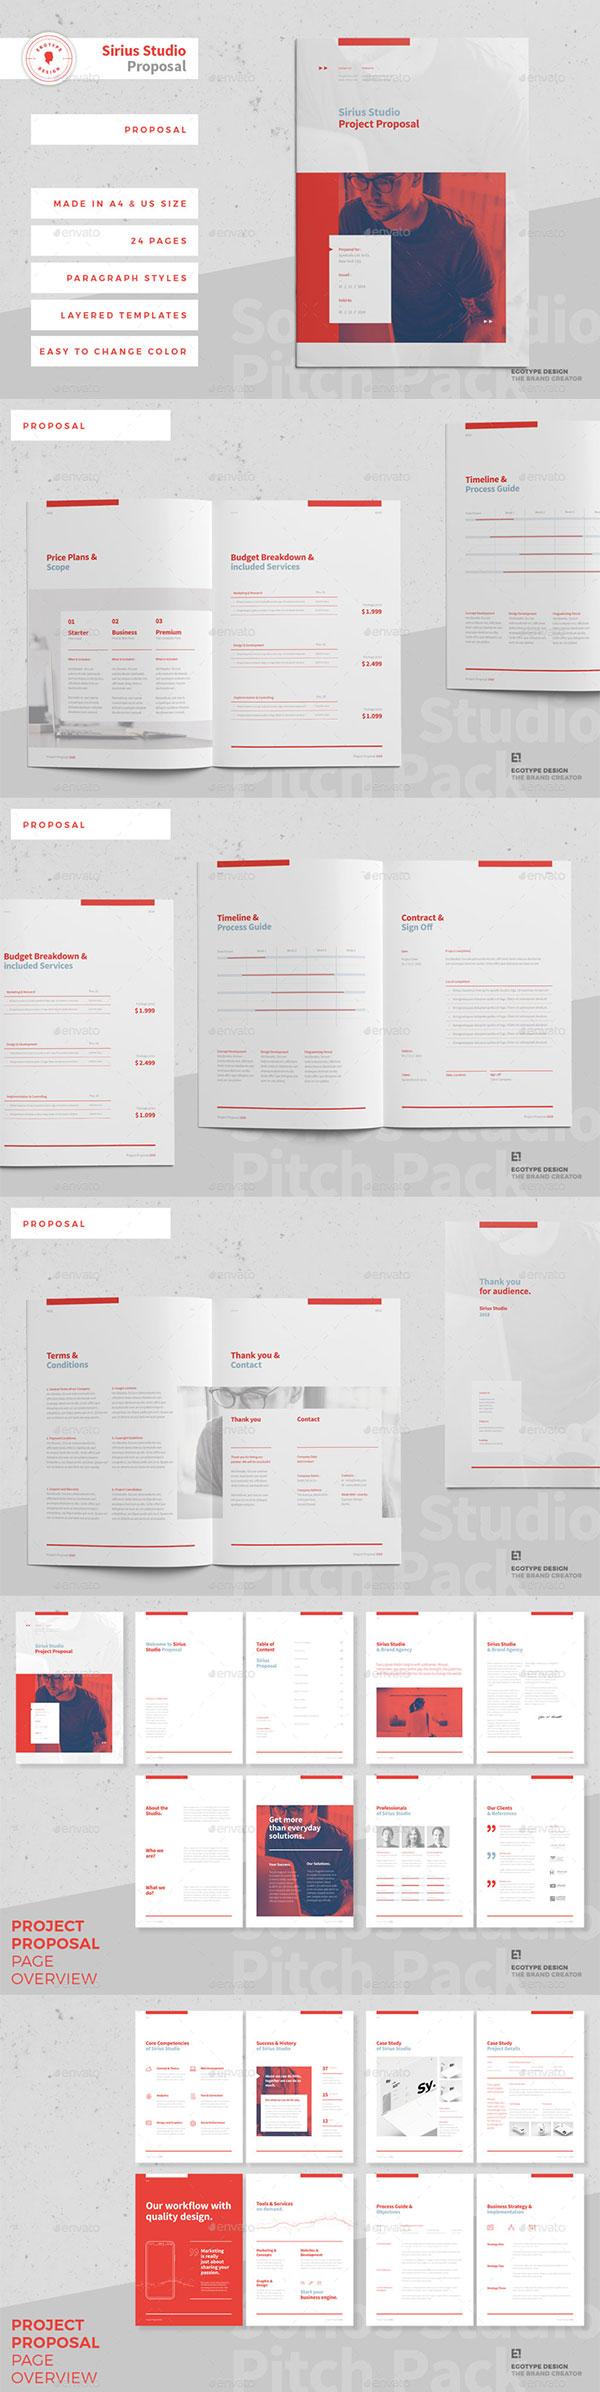 项目建议书ID模板